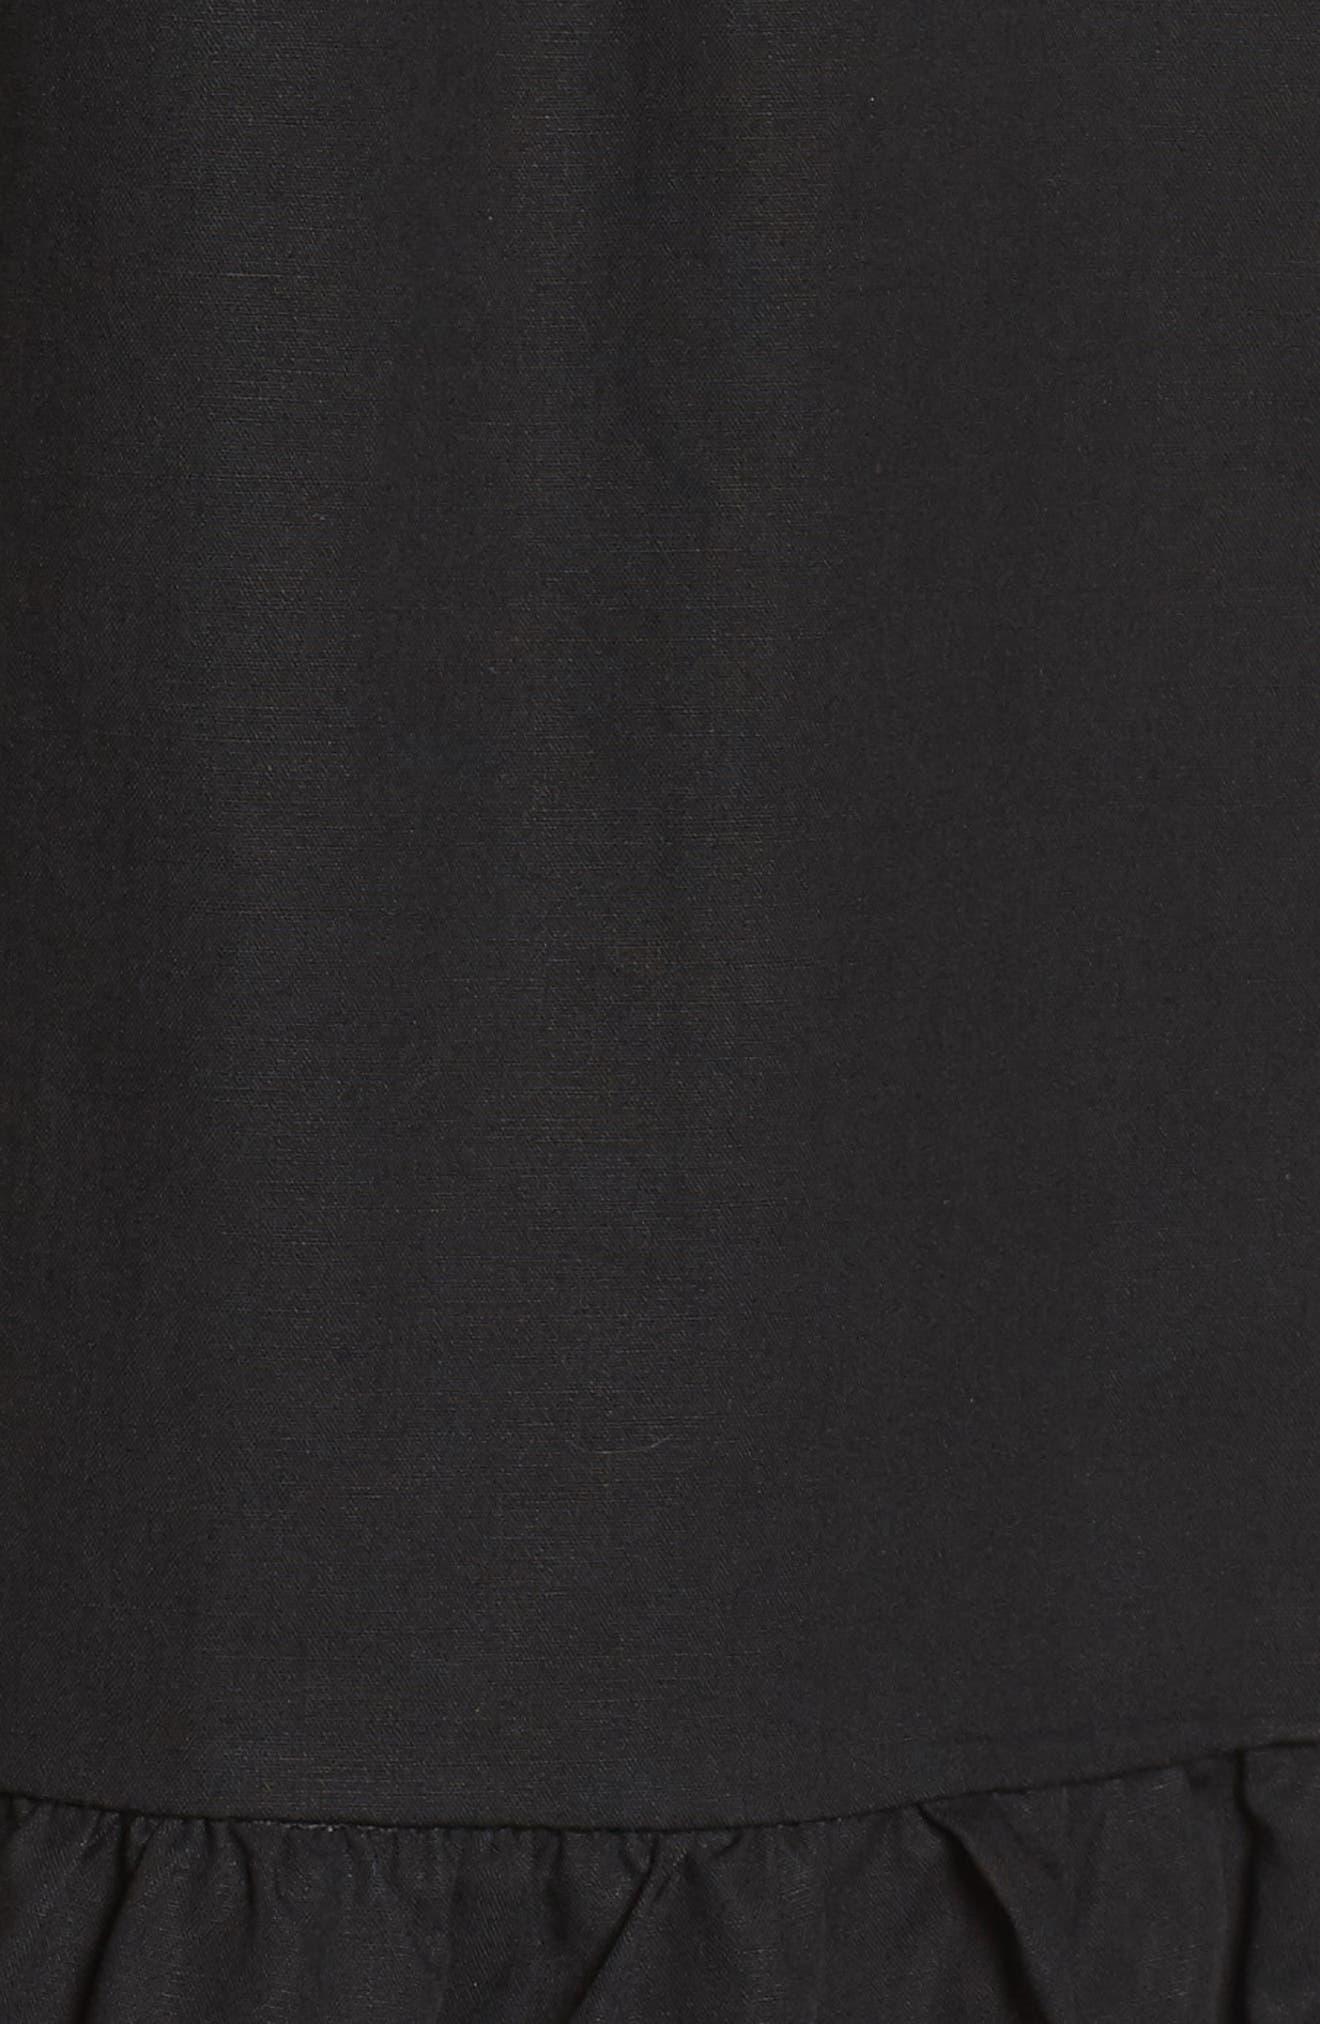 Leah Lace Trim A-Line Dress,                             Alternate thumbnail 5, color,                             001